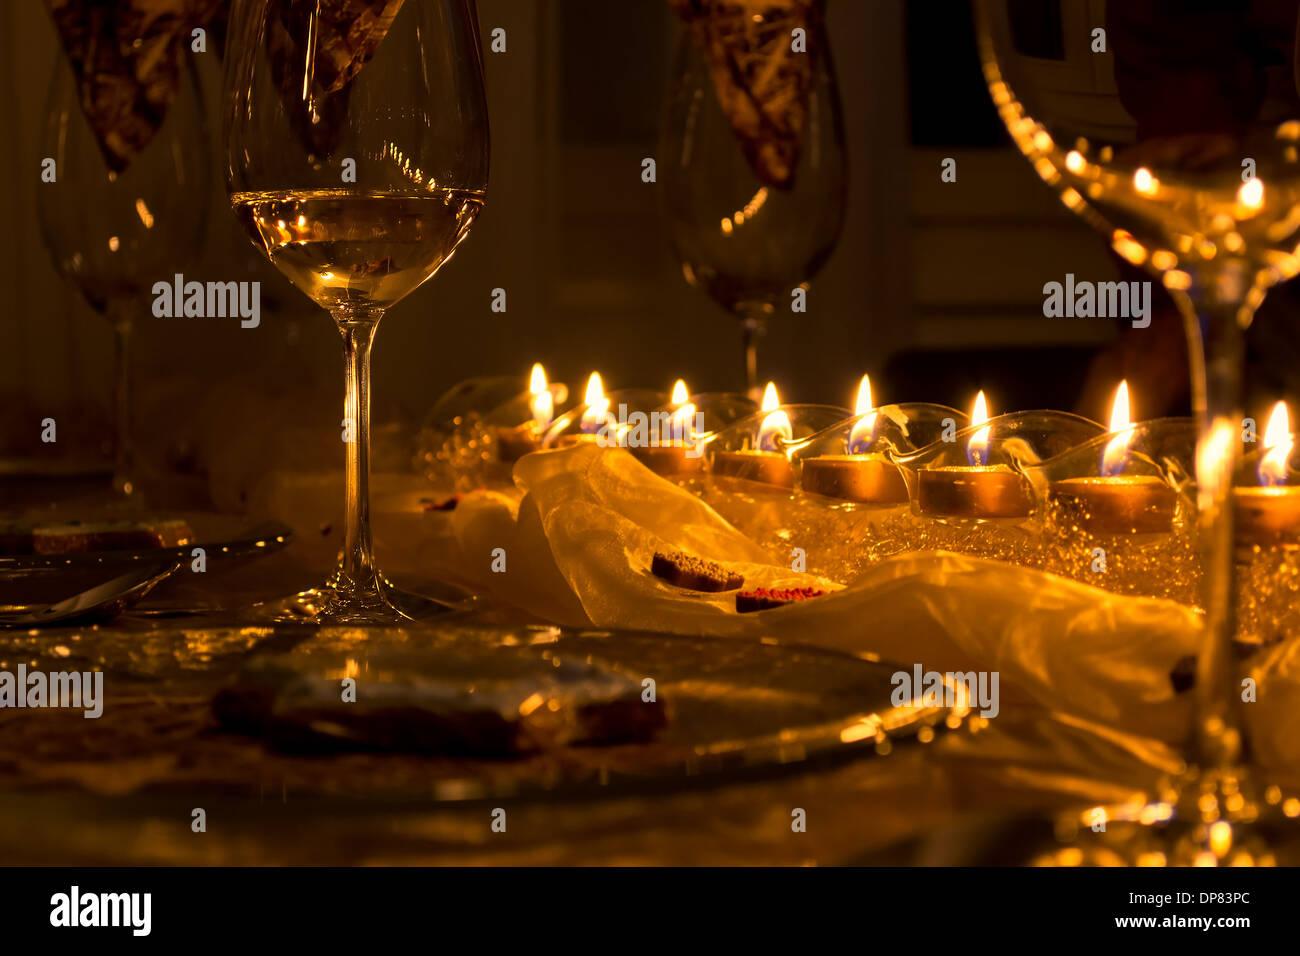 Table à manger solennelle, verres à vin à la lumière des bougies Photo Stock